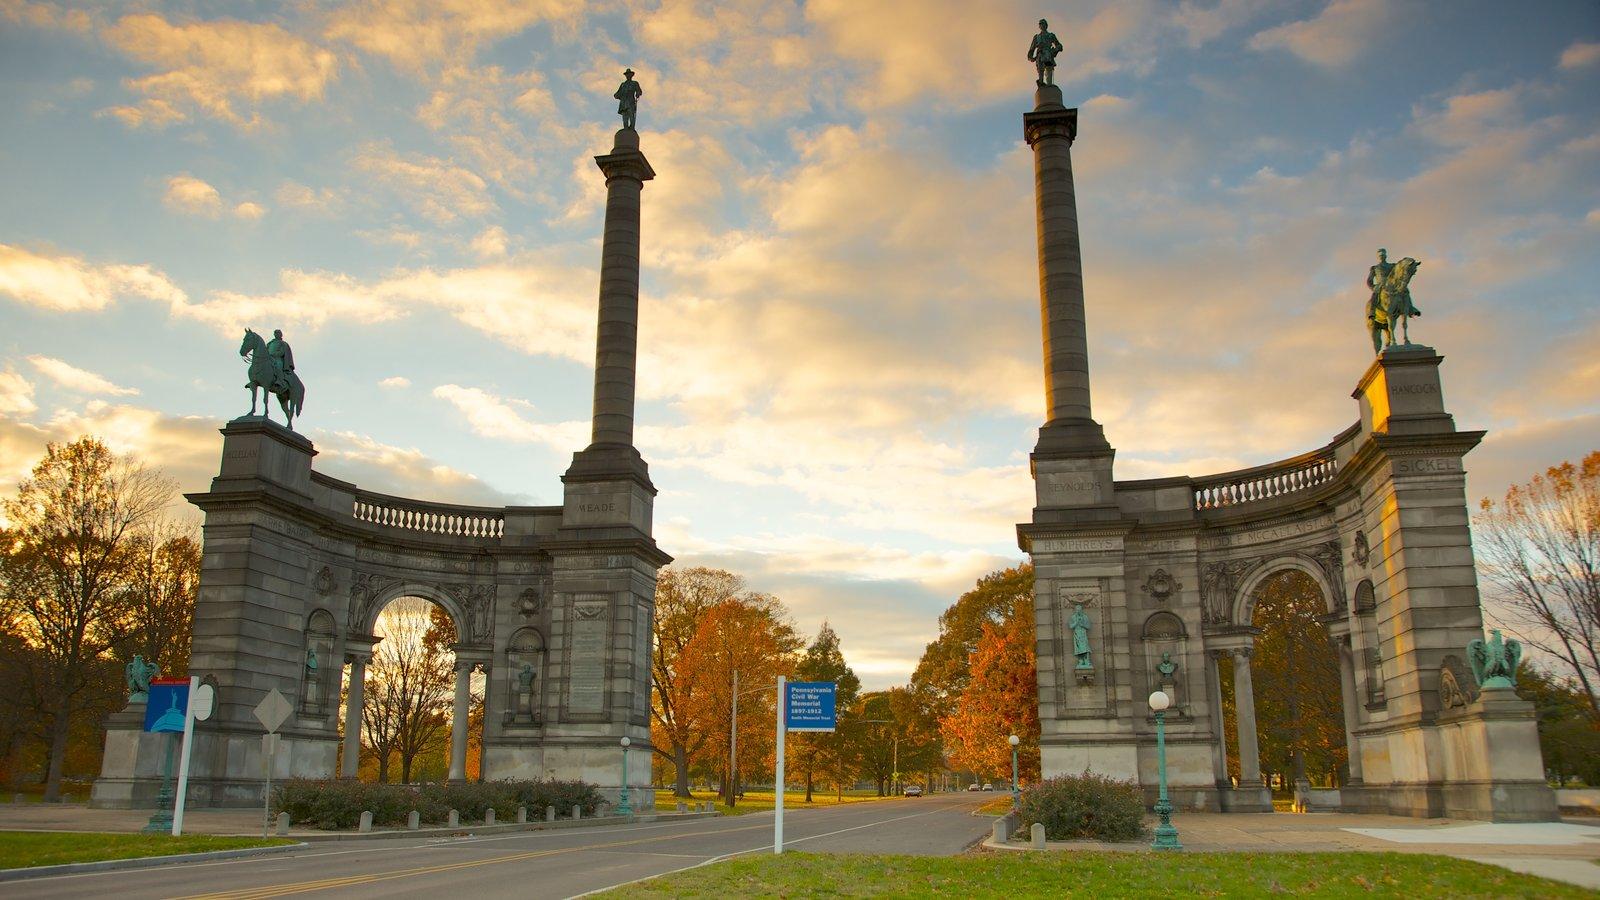 Filadelfia que incluye una estatua o escultura, un monumento y patrimonio de arquitectura